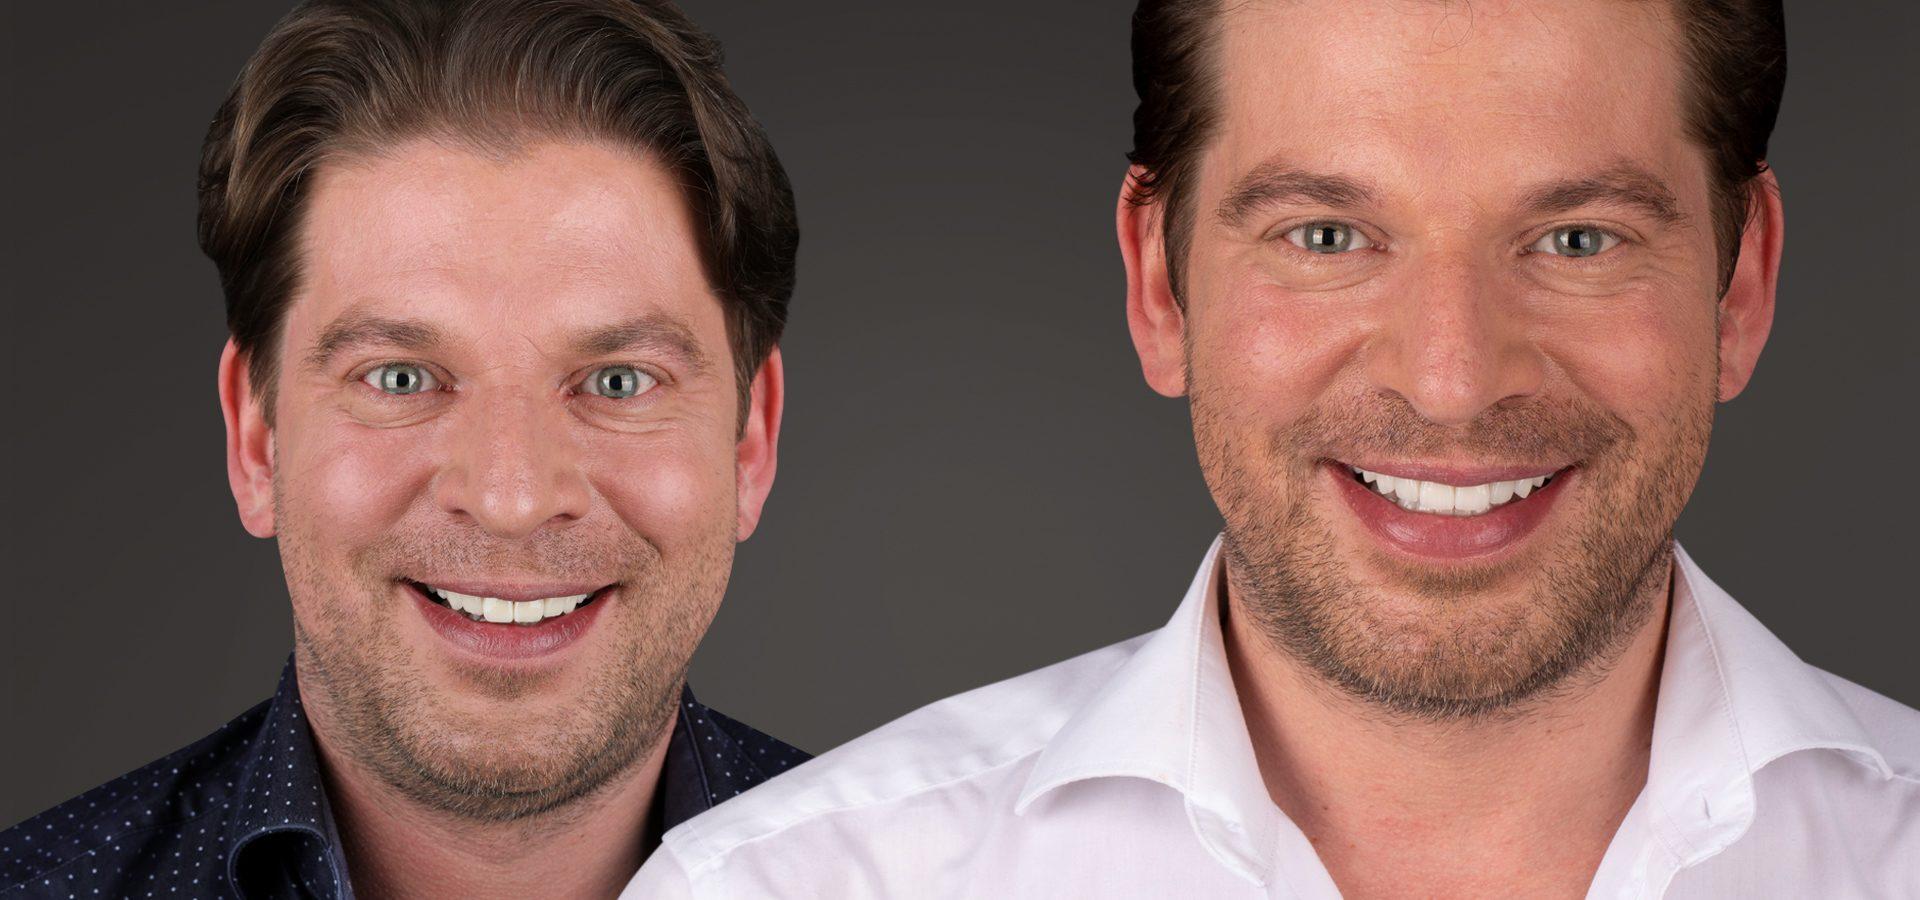 Mit Veneers zum Star-Lächeln: Zahnverschönerung für perfekte, strahlend weiße Zähne